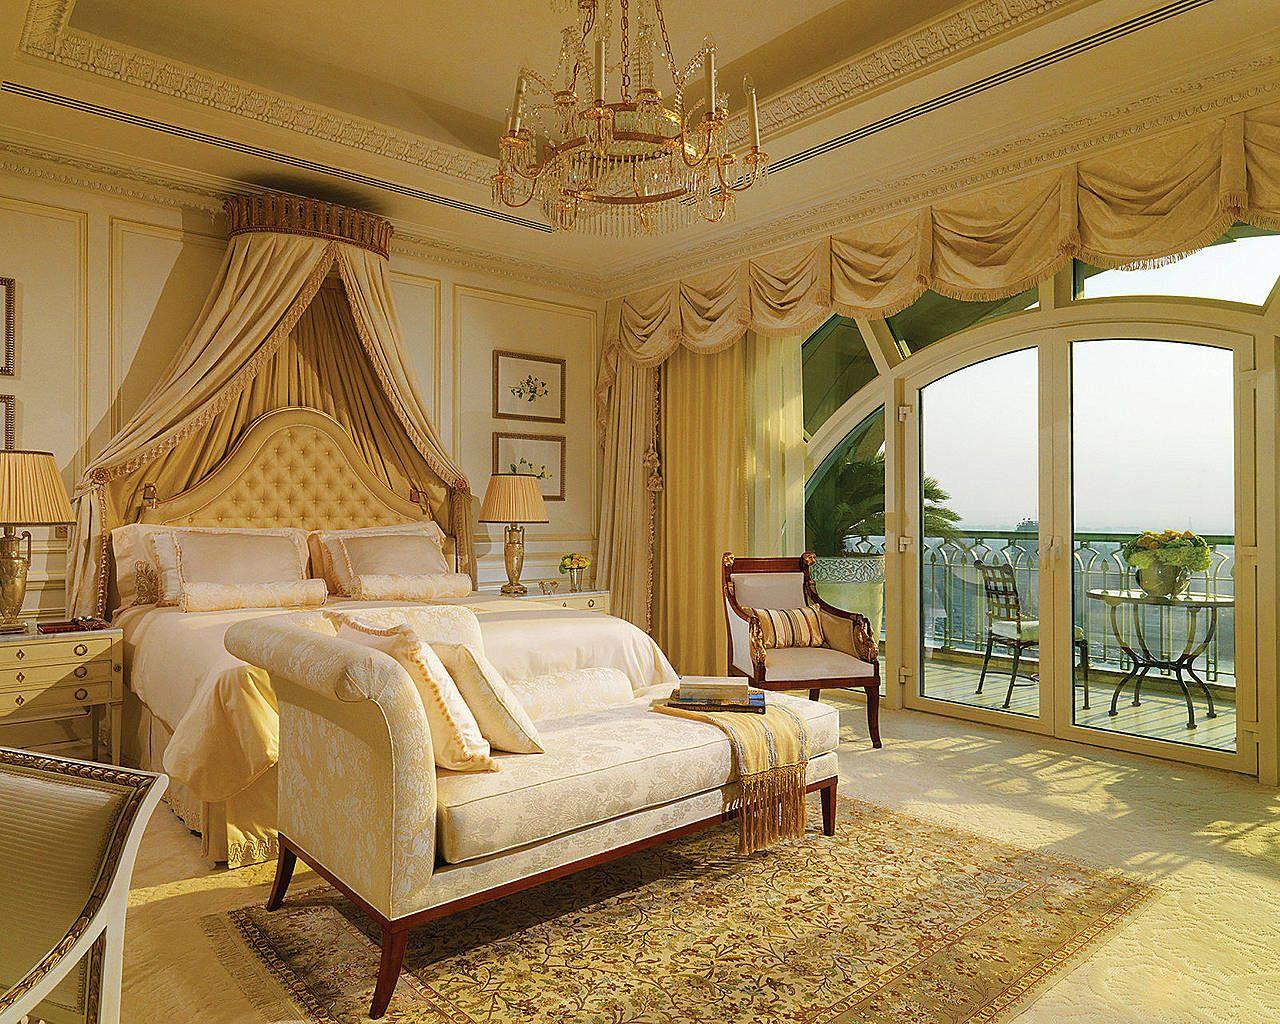 marvelous Modern egyptian Interior for Living design inspirations